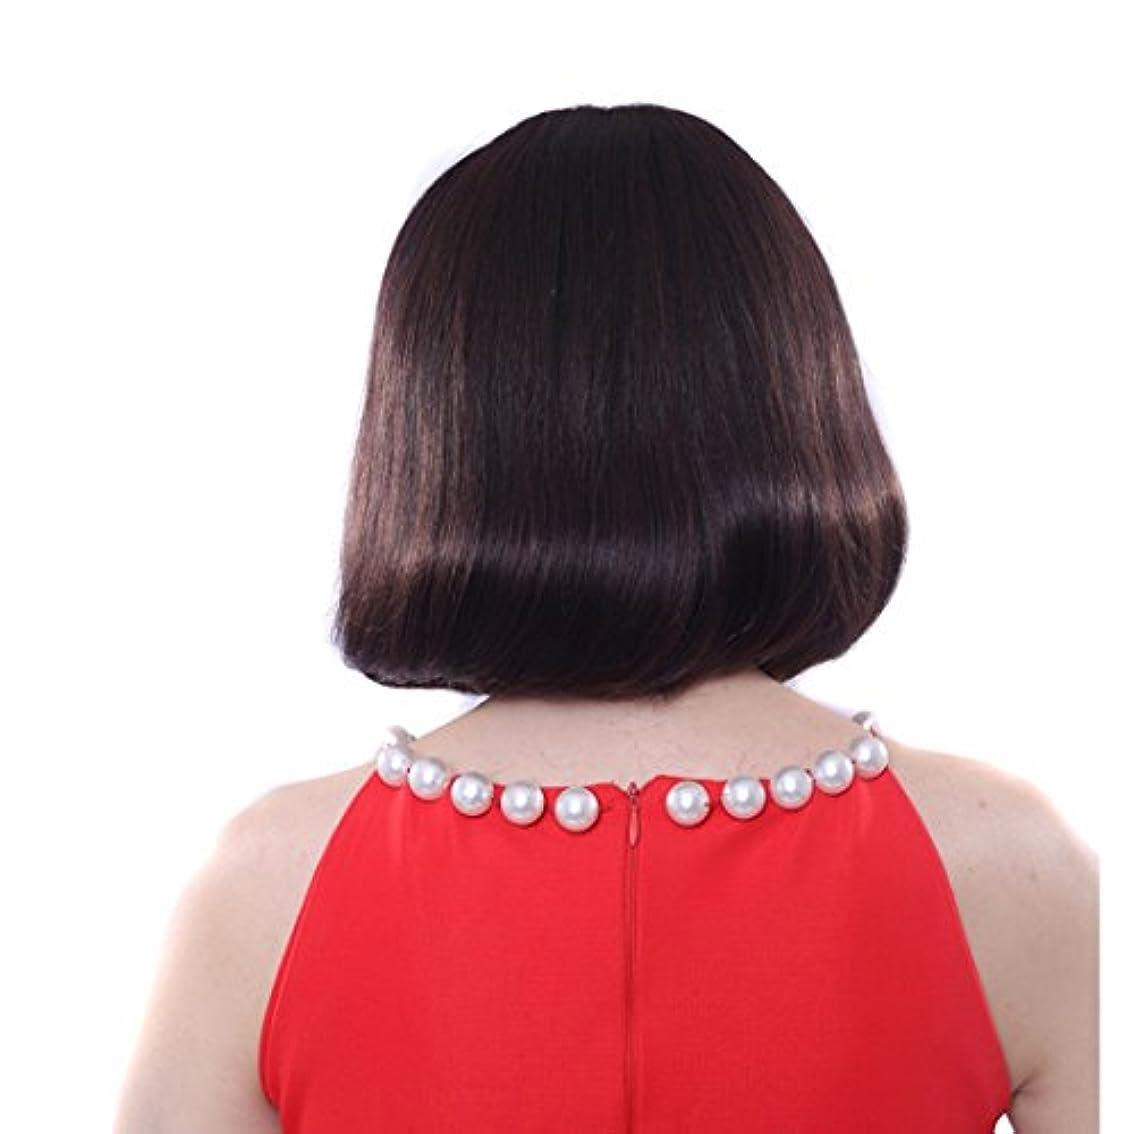 バナーダニ洗練されたYOUQIU 現実的な人間の自然なかつらの内部梨髪シルクヘアボボヘッドウィッグカーリーフラット前髪ウィッグFuffyインナー梨髪の長さが26センチメートルウィッグ (色 : 黒)